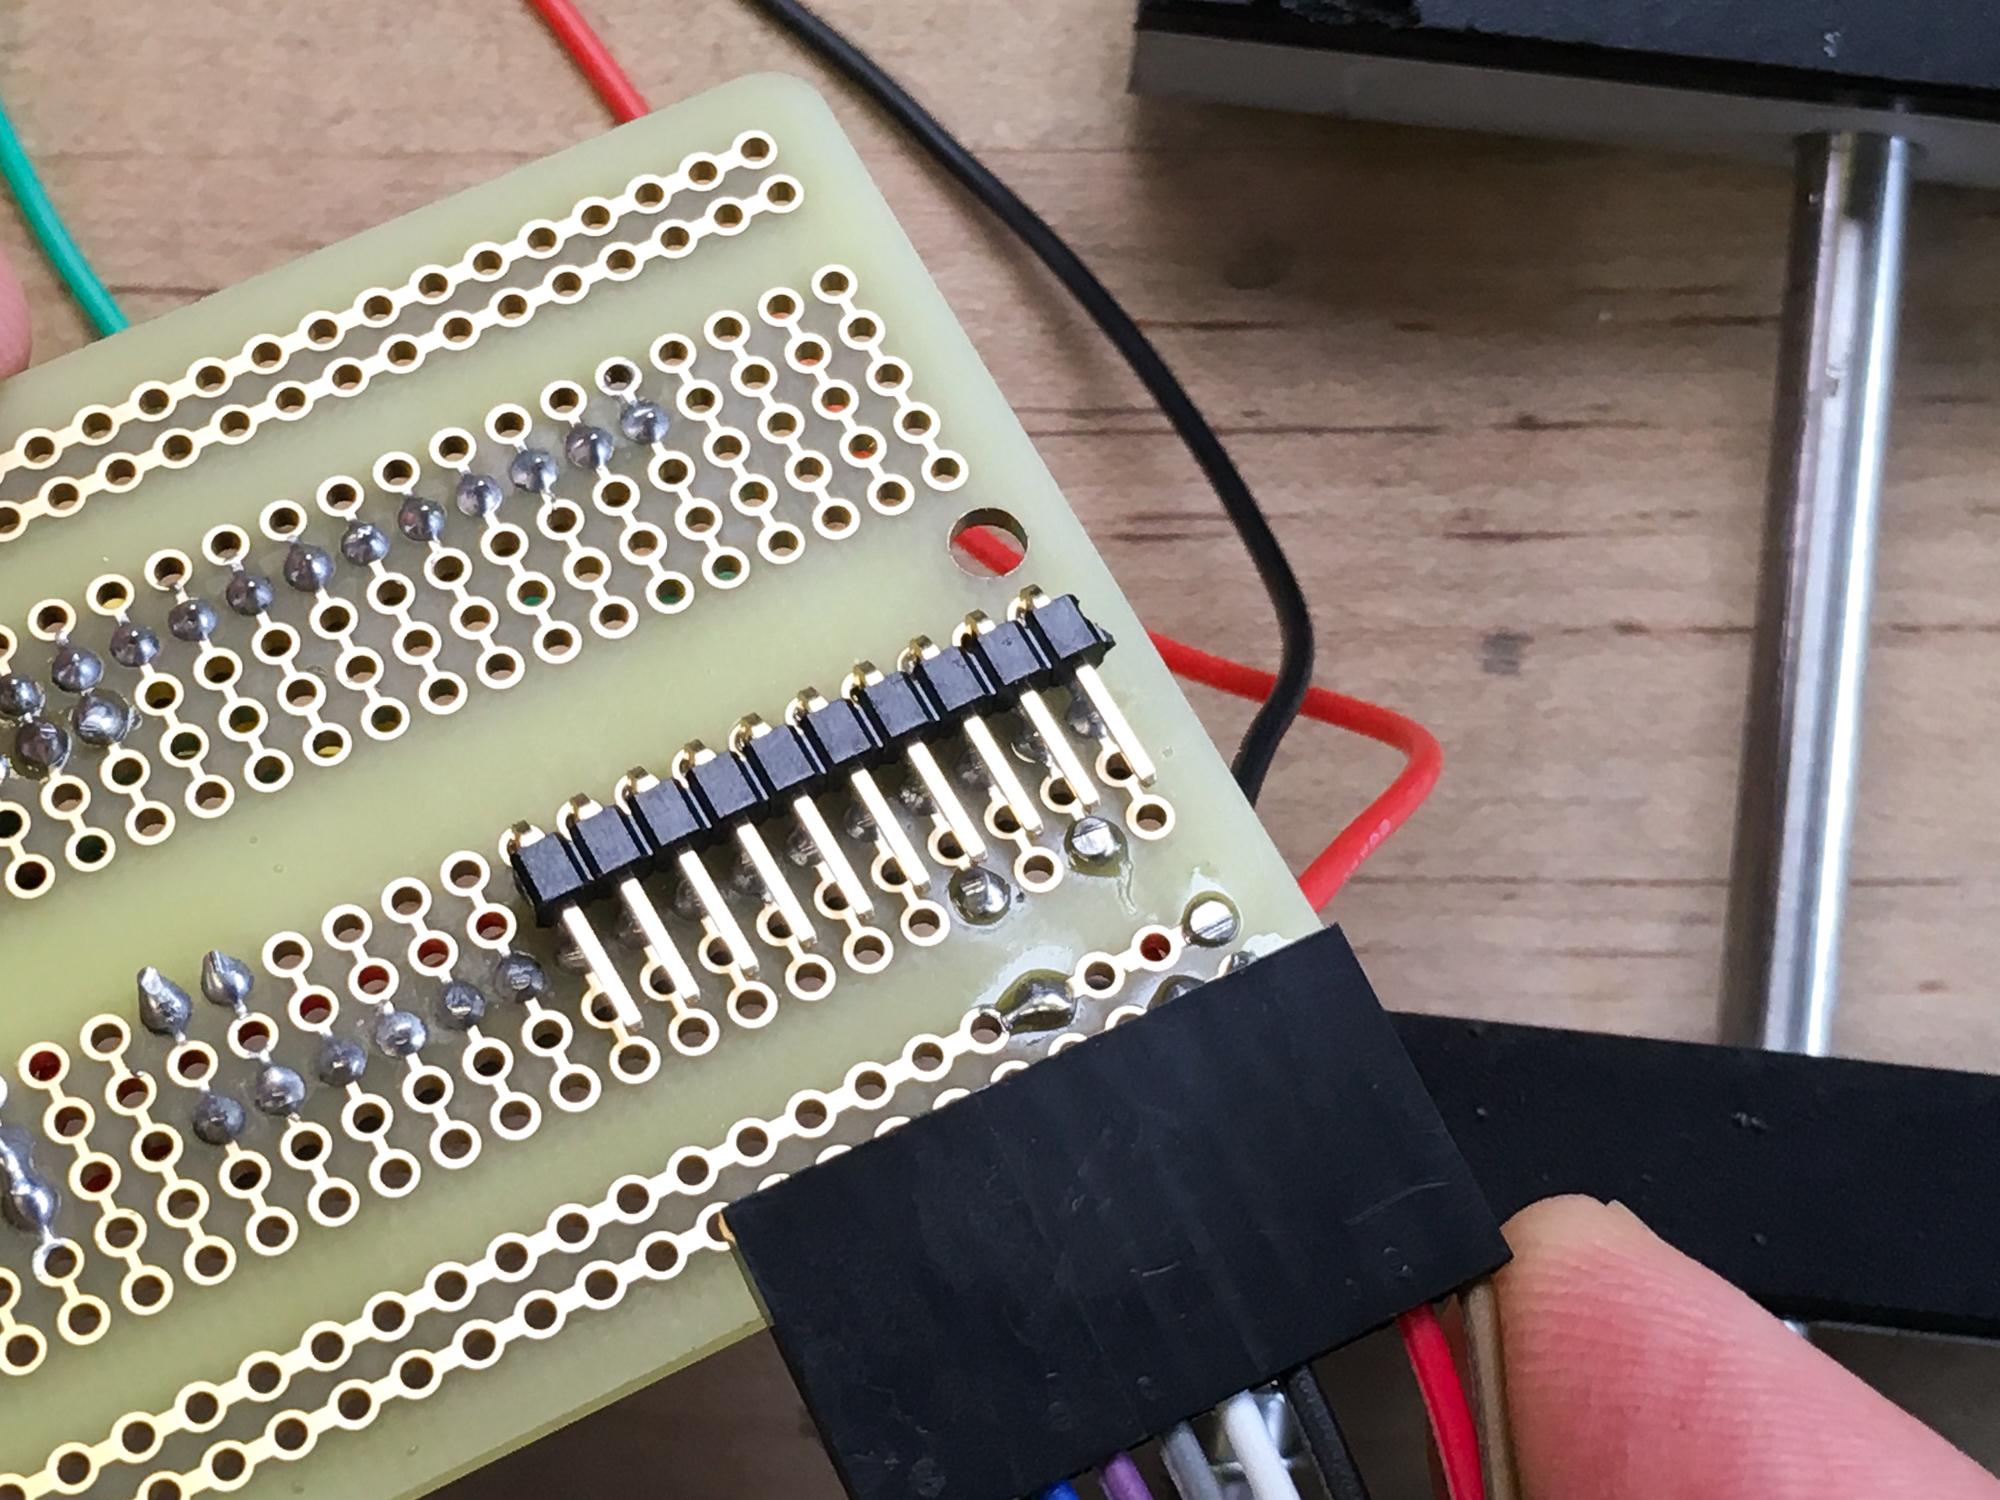 microcontrollers_IMG_1963_2k.jpg